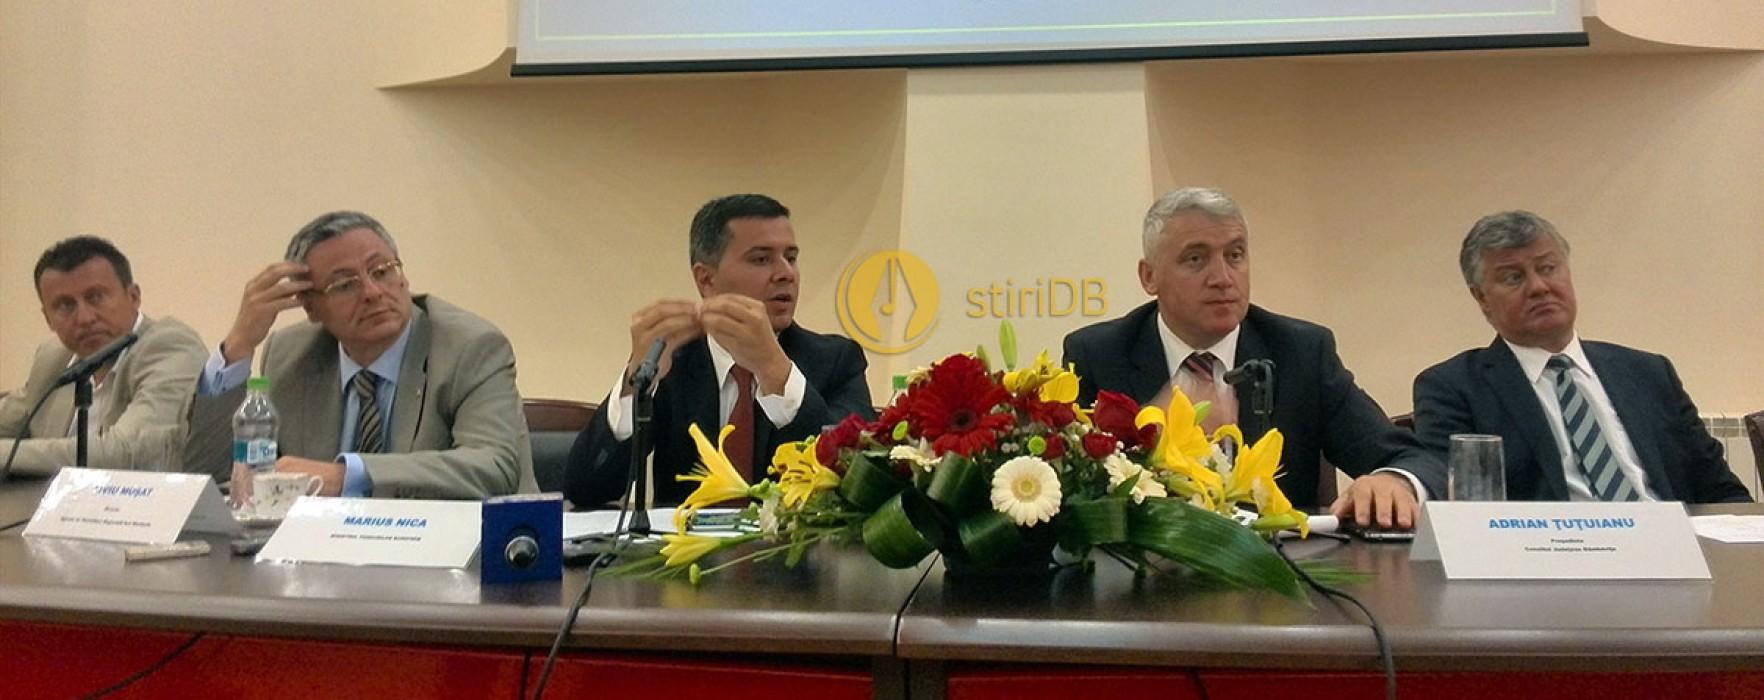 Târgovişte: Ministrul Fondurilor Europene, Marius Nica, prezent la o dezbatere pe exerciţiul financiar 2014-2020